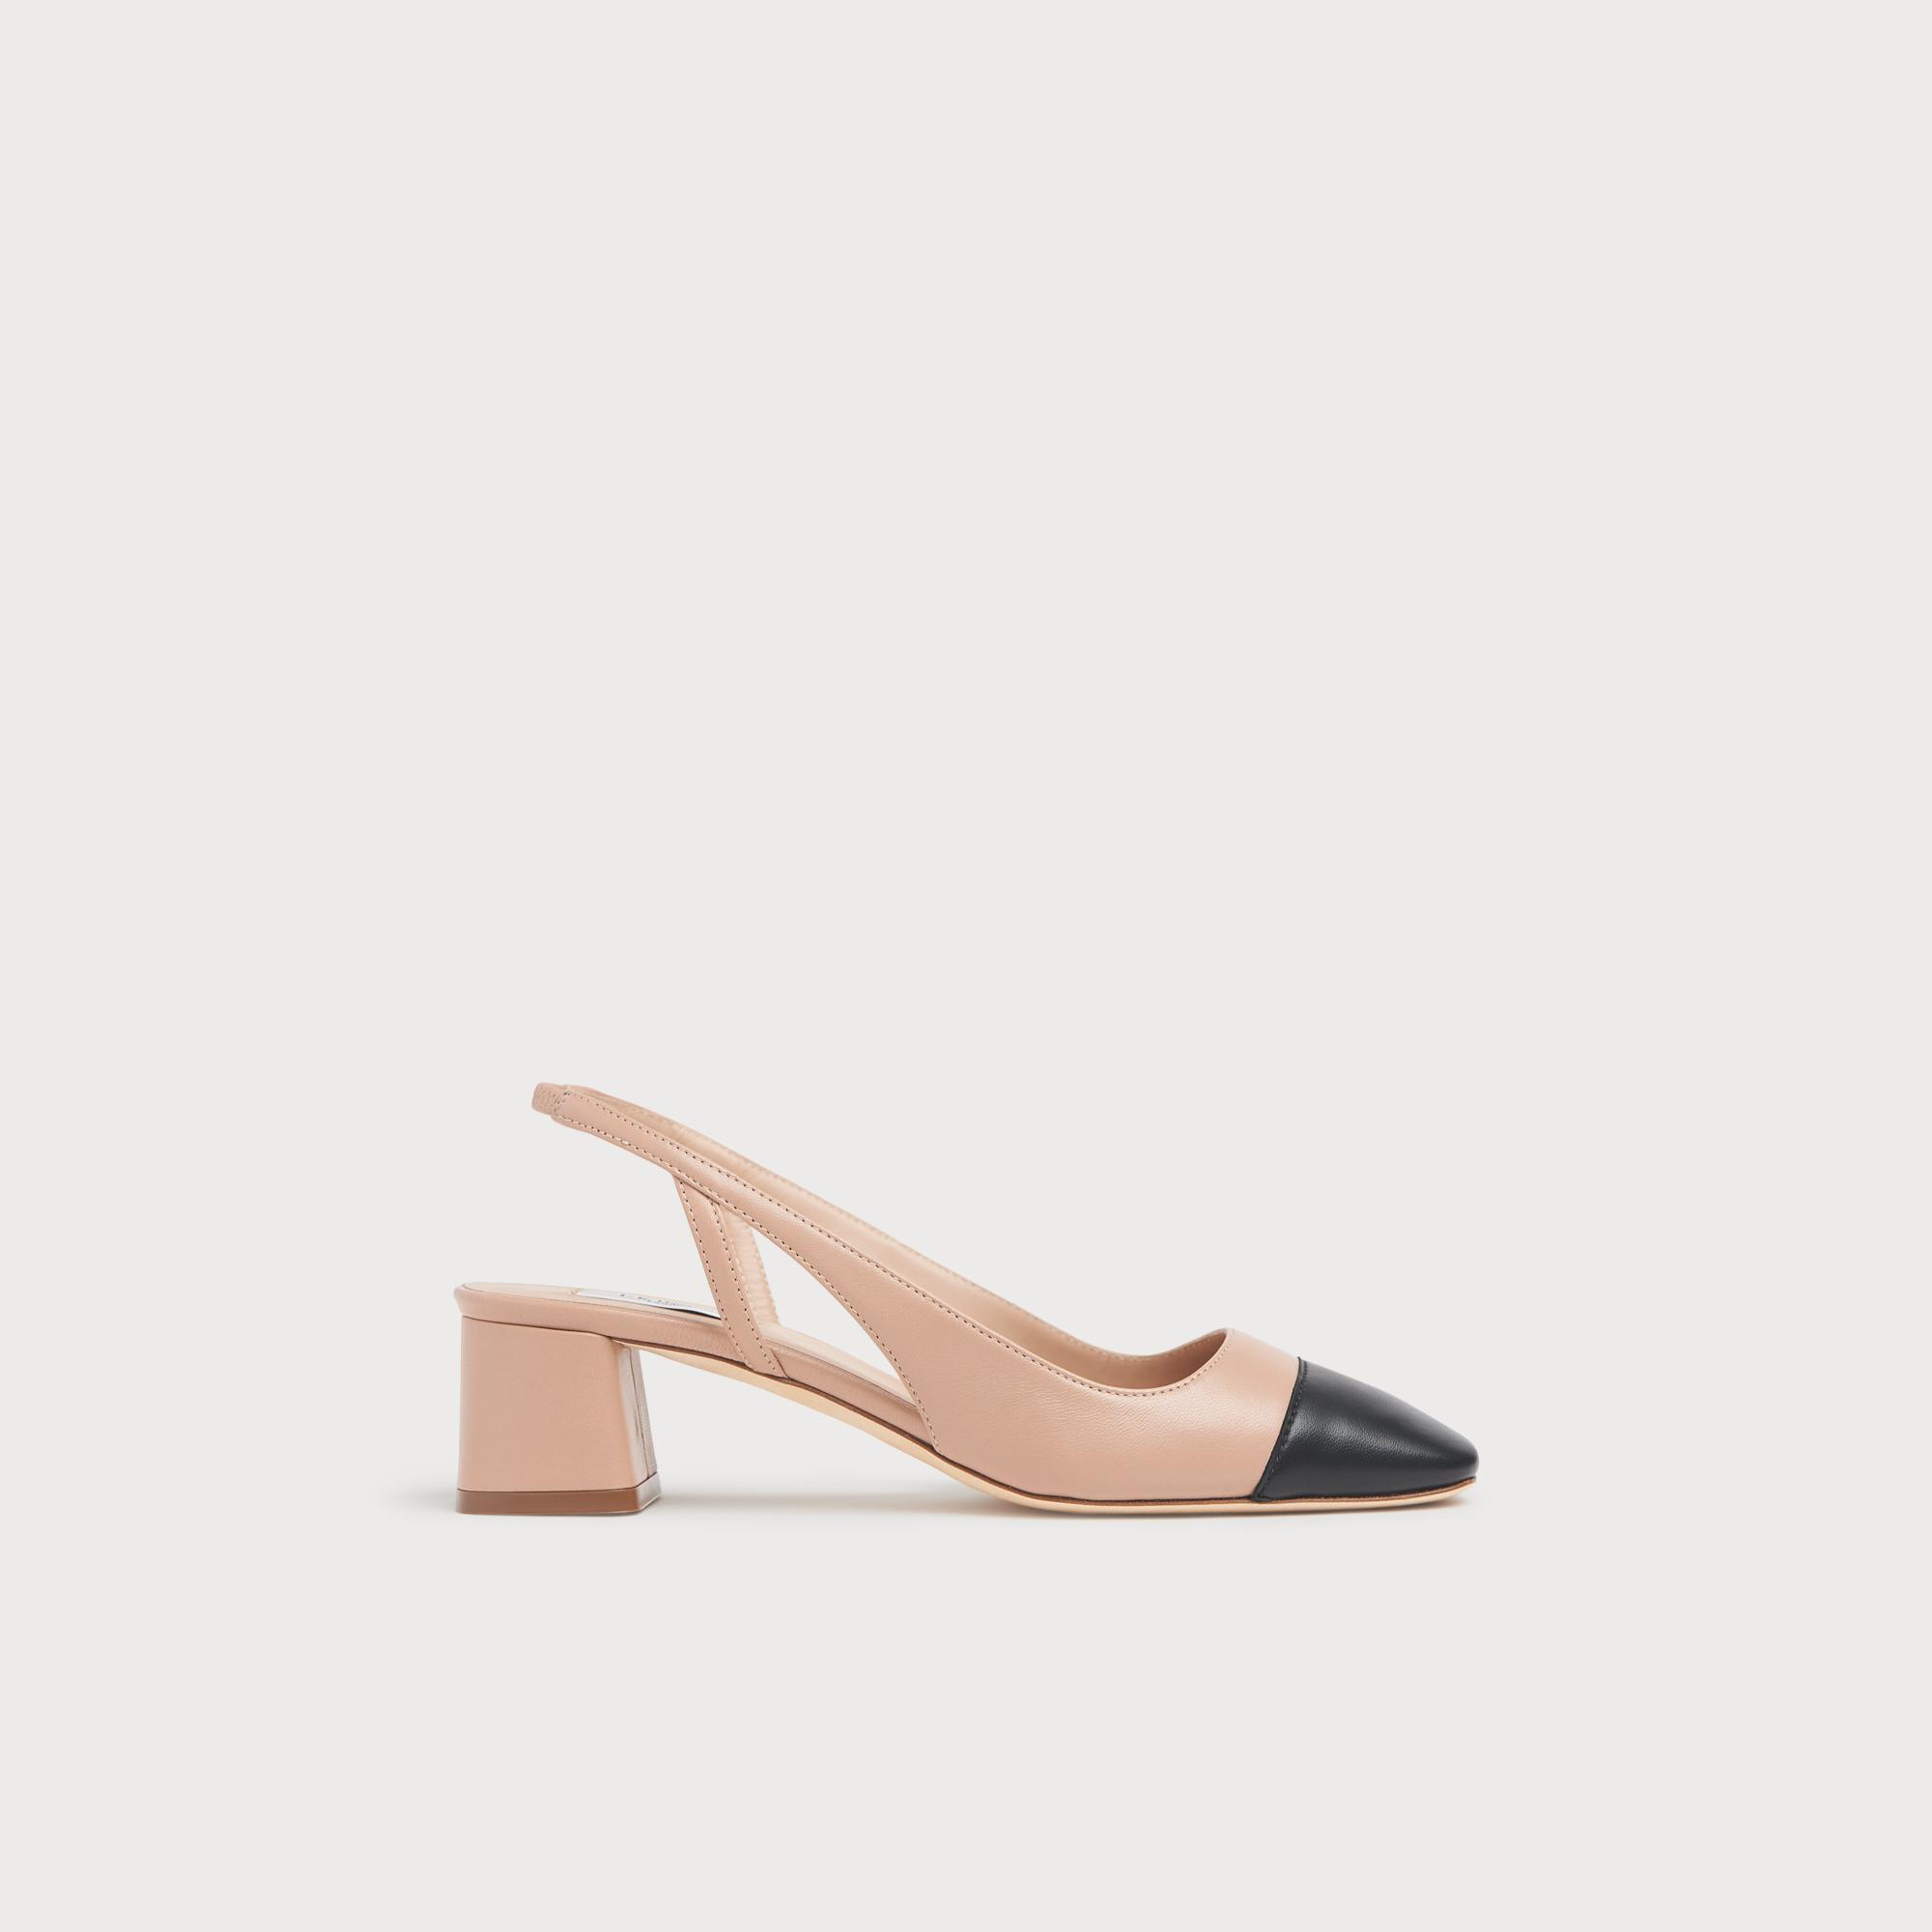 Women's Court Shoes | Luxury Heels